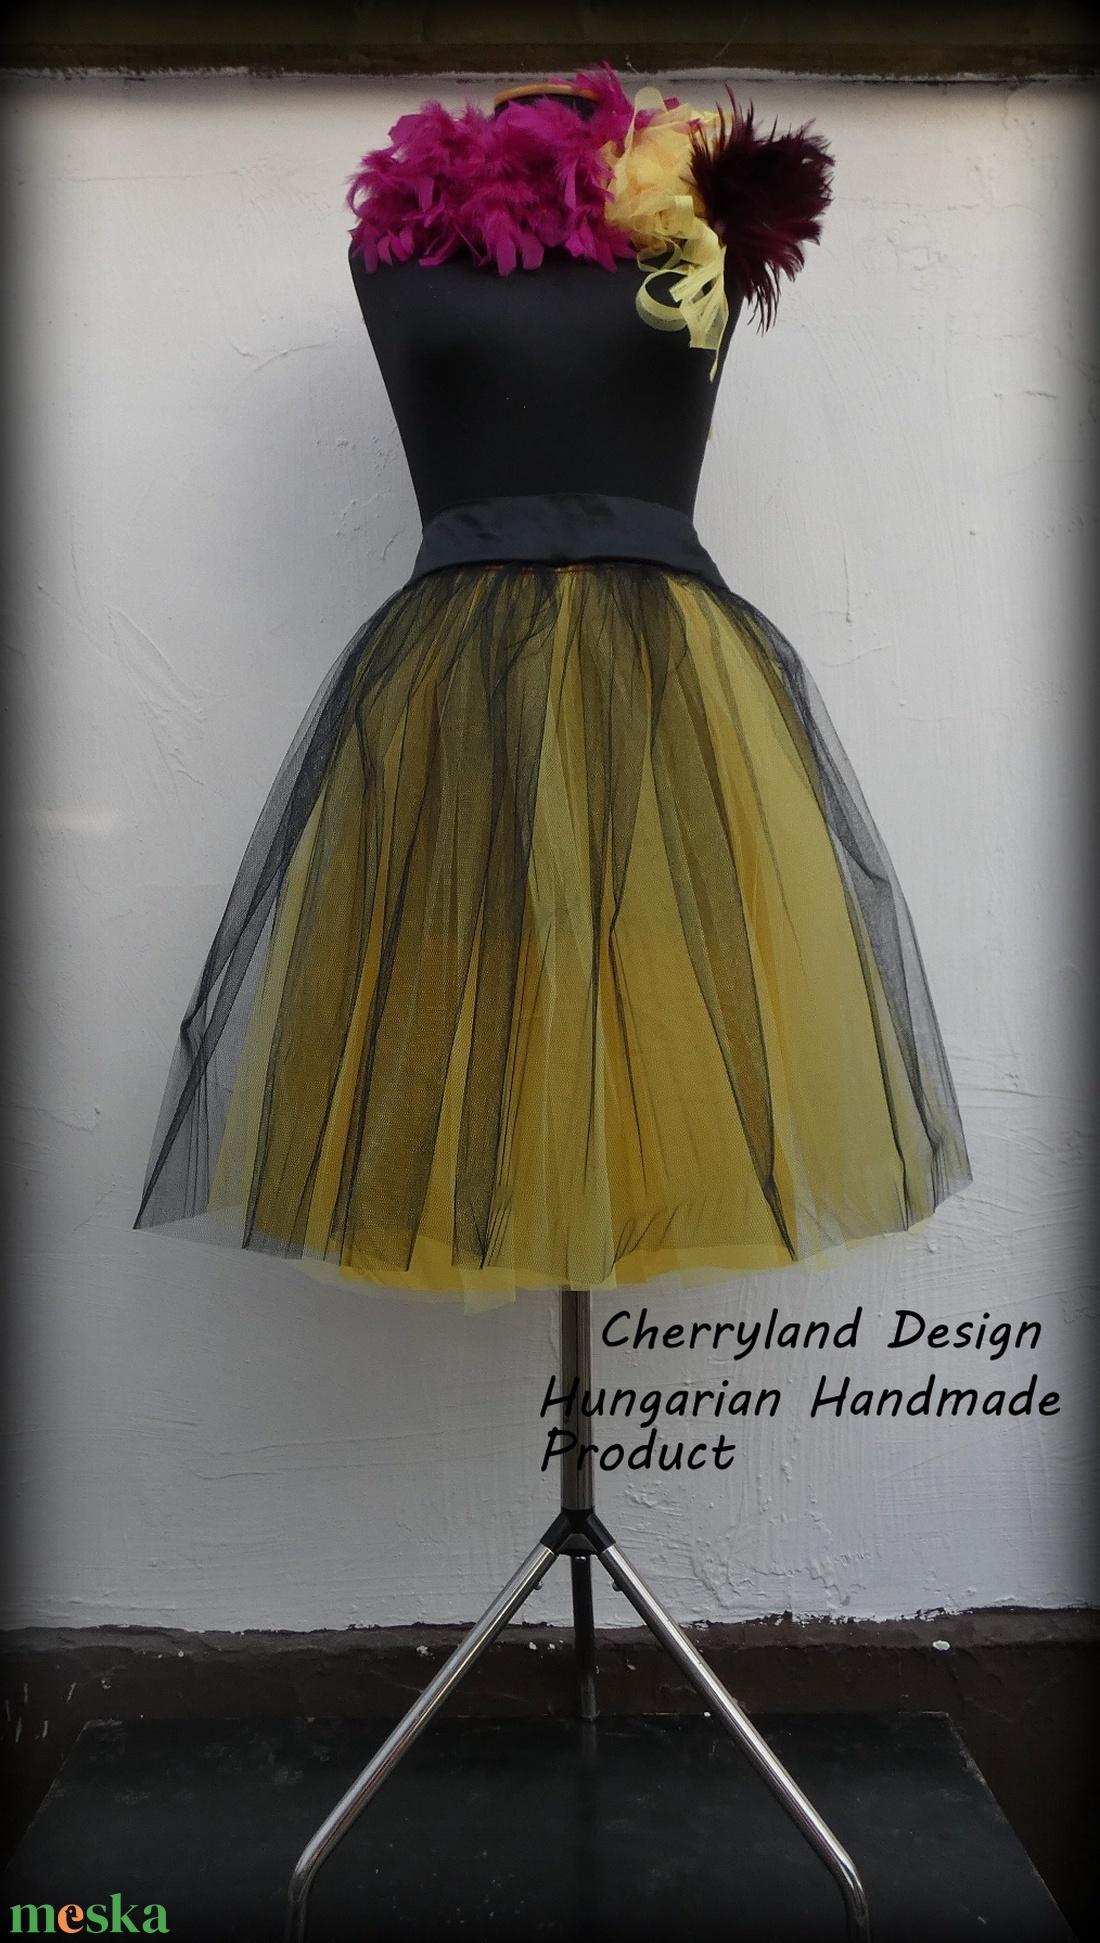 Cherryland Design Sárga  Árnyalat  Tüll Szoknya˛/ Yellow Shades Tulle Skirt (textilmester) - Meska.hu